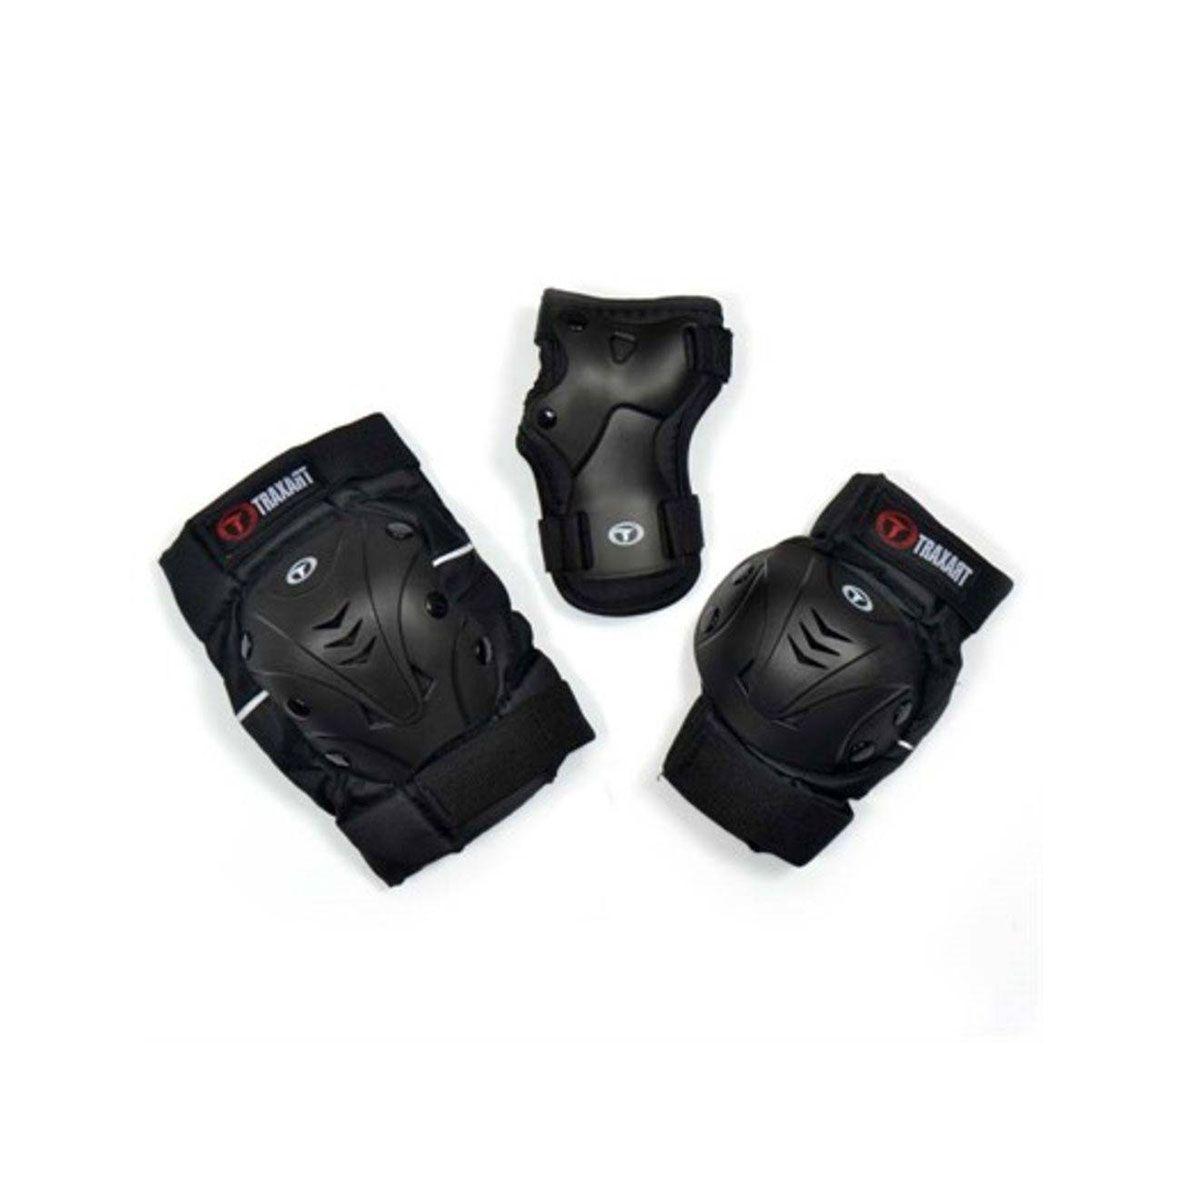 Kit Proteção Traxart DR-029